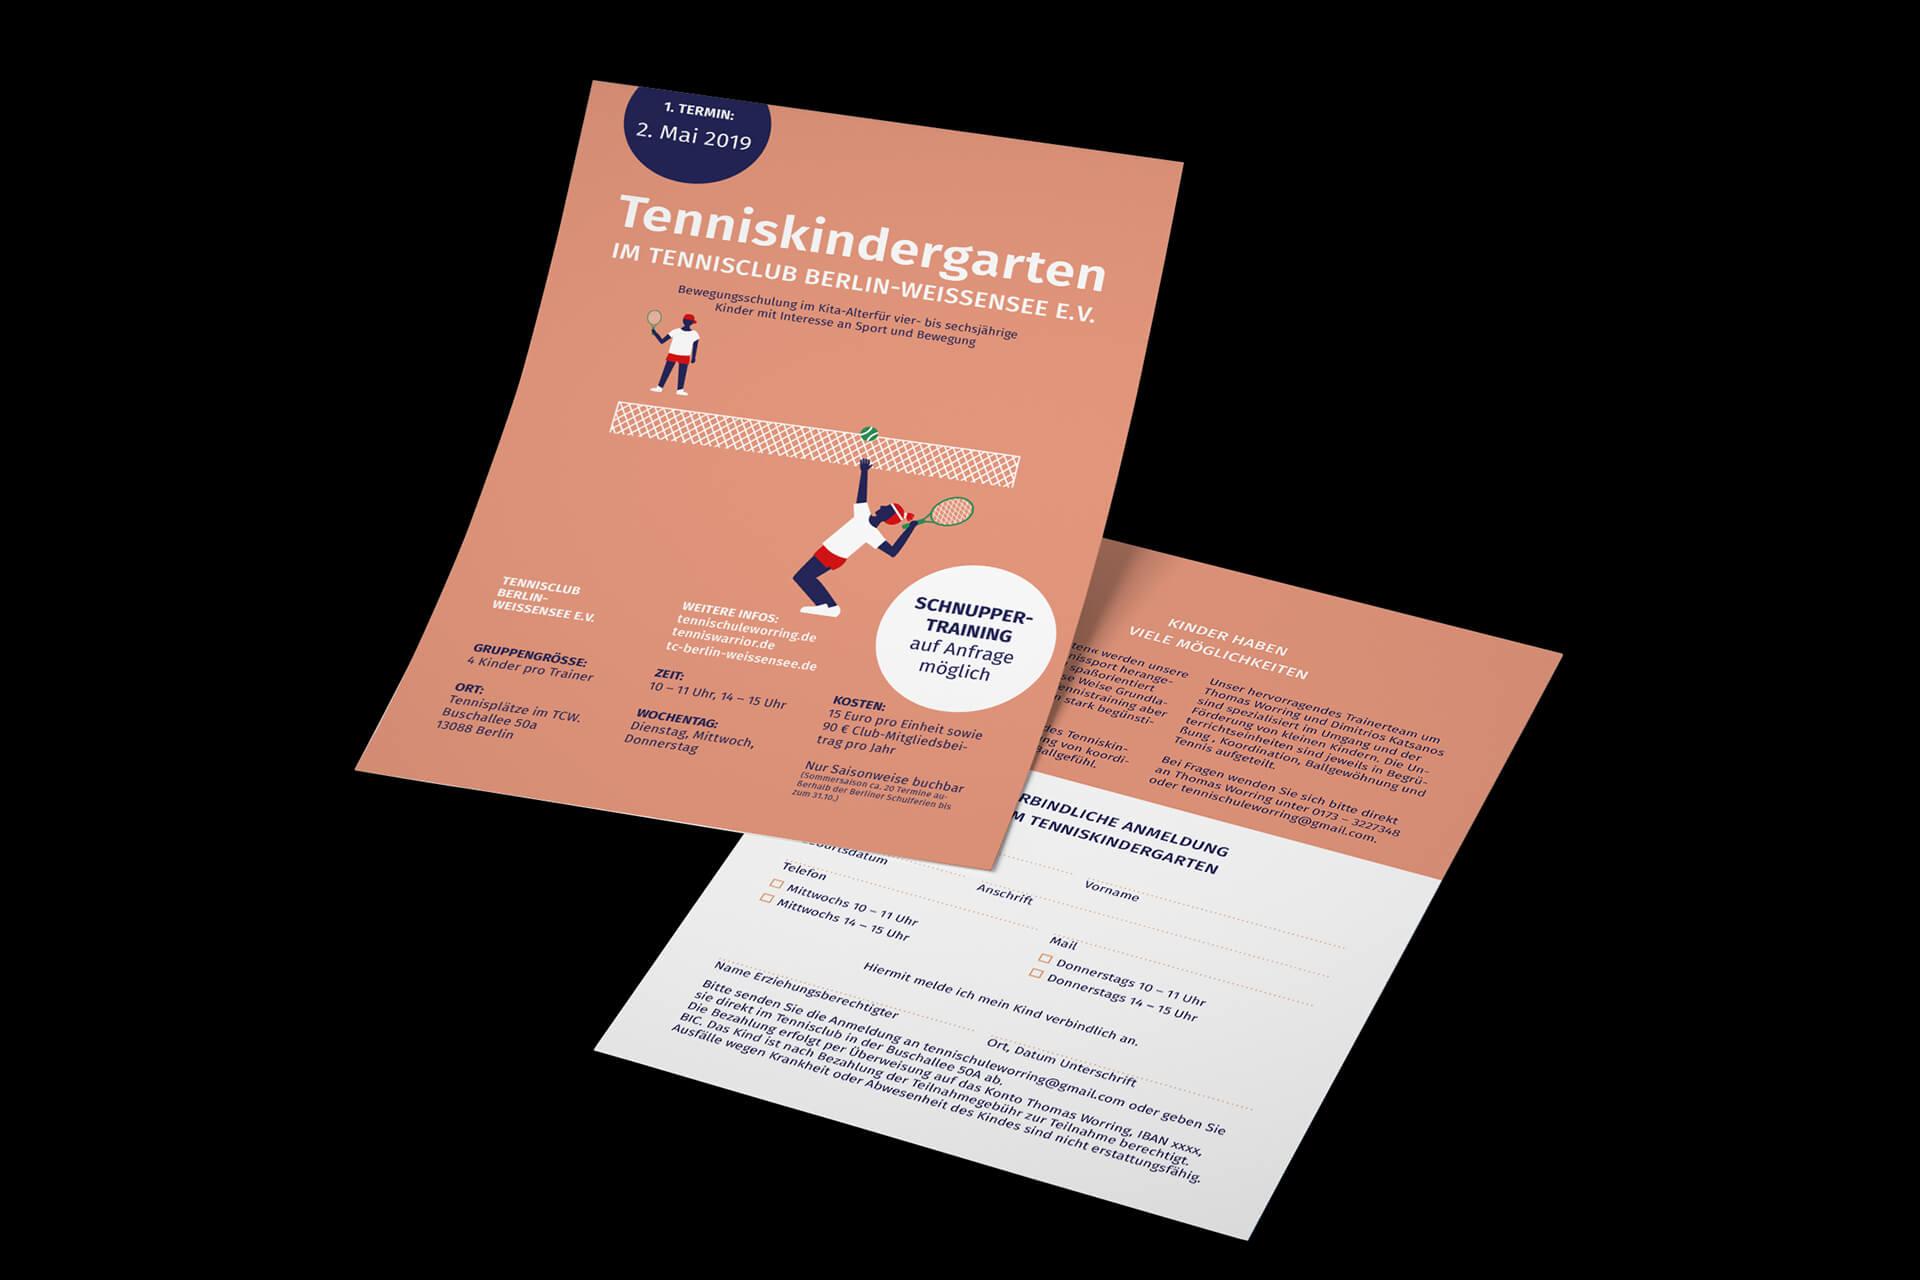 Denken und Handeln Flyer Tennis Kindergarten Tennisclub Berlin Weißensee Illustration Infografik Layoud Grafik Design Gestaltung Printgestaltung Visuelle Kommunikation Print Werbung